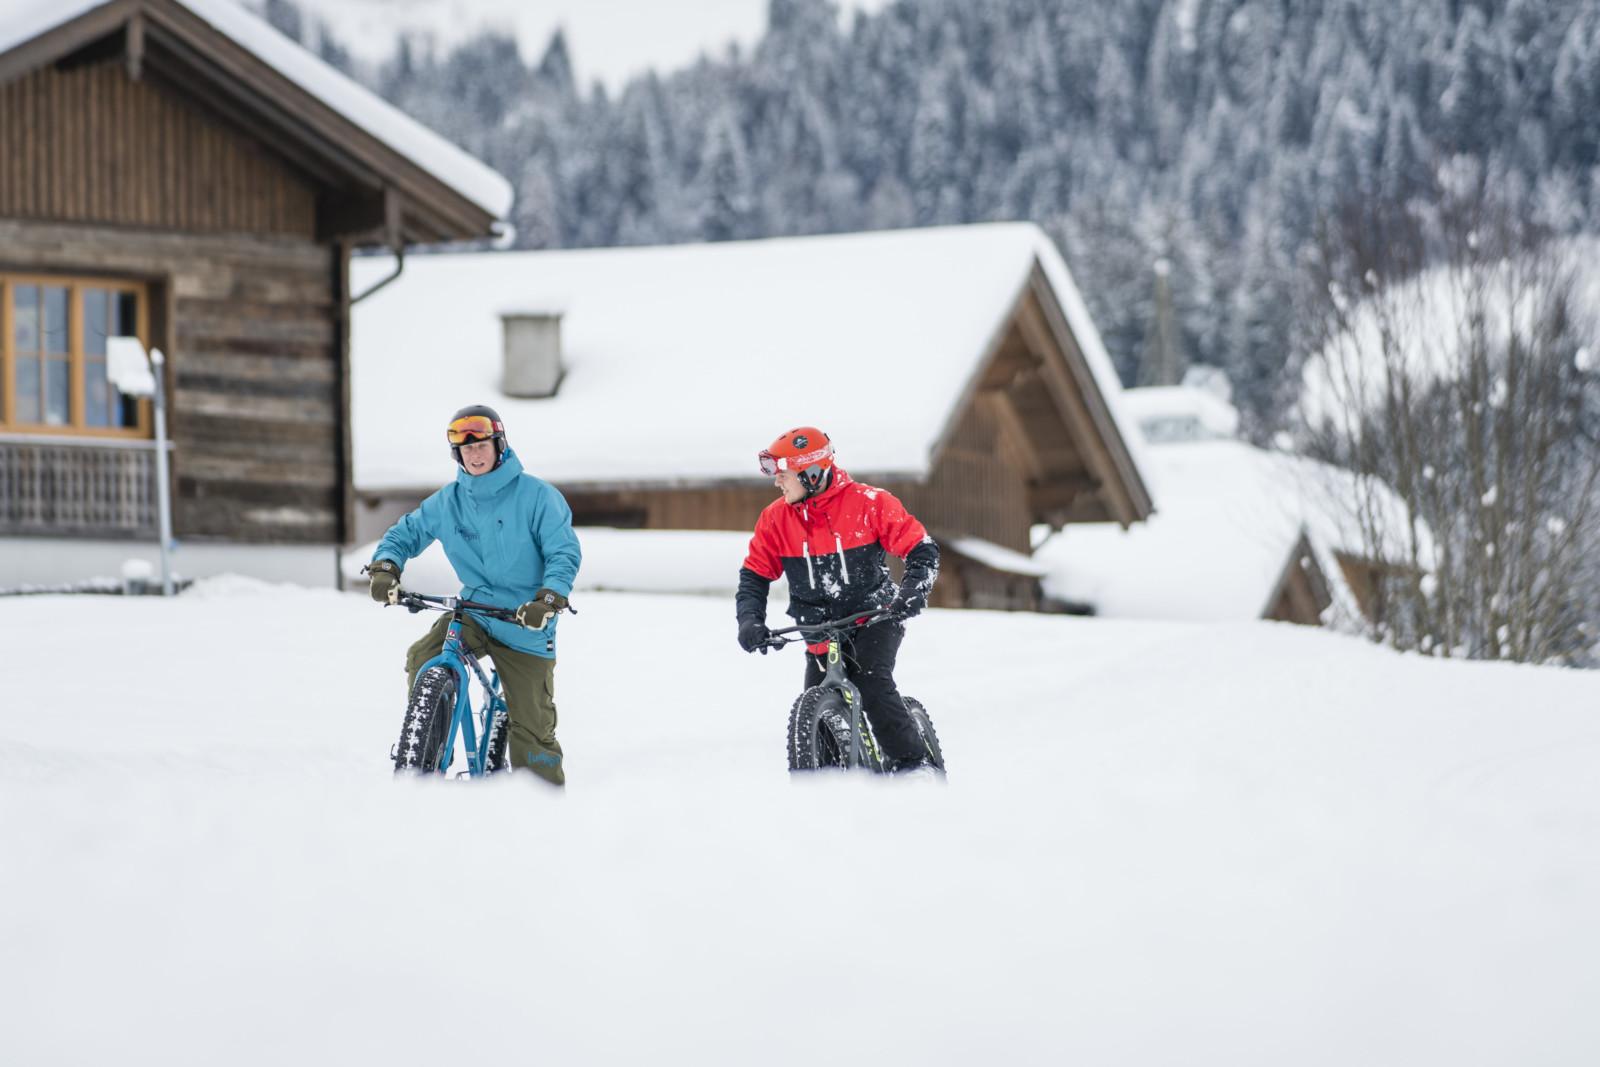 Das Fatbike für den Winter  (c)wildbild/Kirchmaier